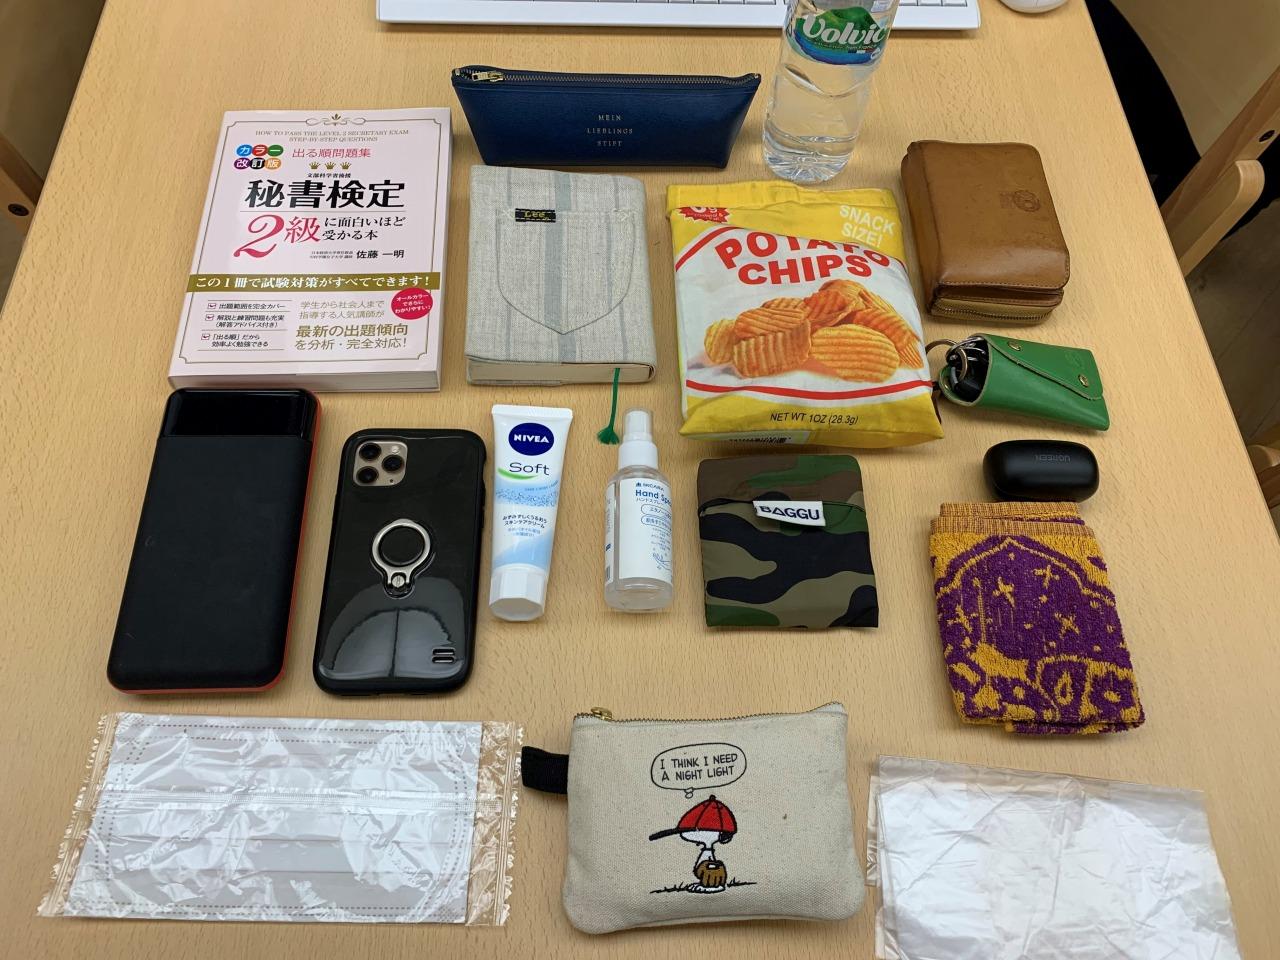 宇田川くん:予備のマスクや消毒液も持ち歩いていて、コロナ対策ばっちりですね!